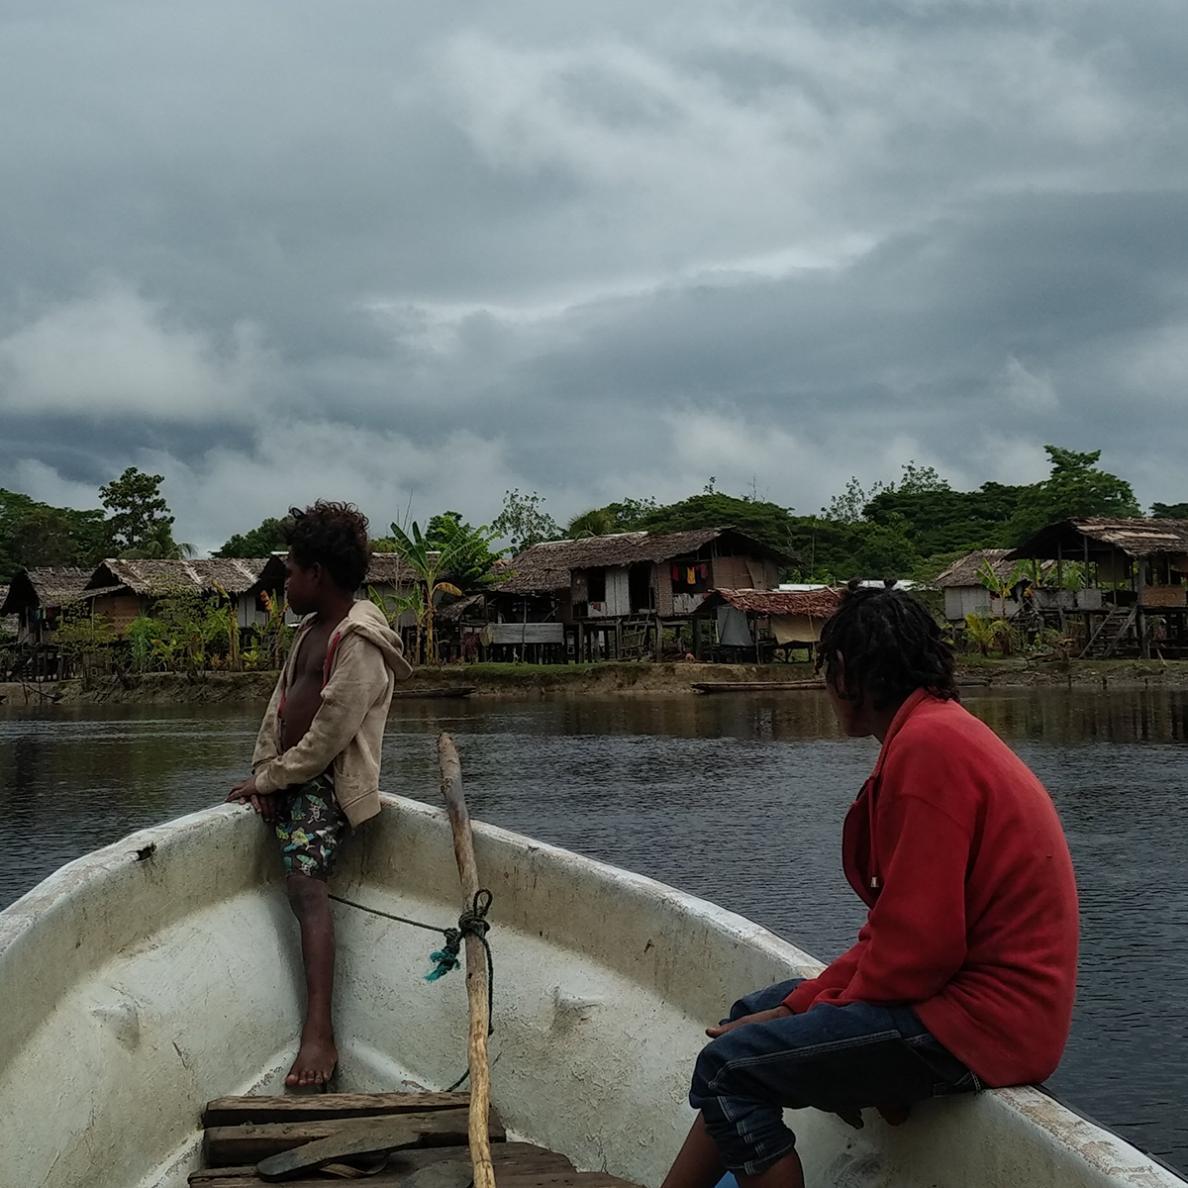 Papua-Nova Guiné: levando a cura pelo curso das águas